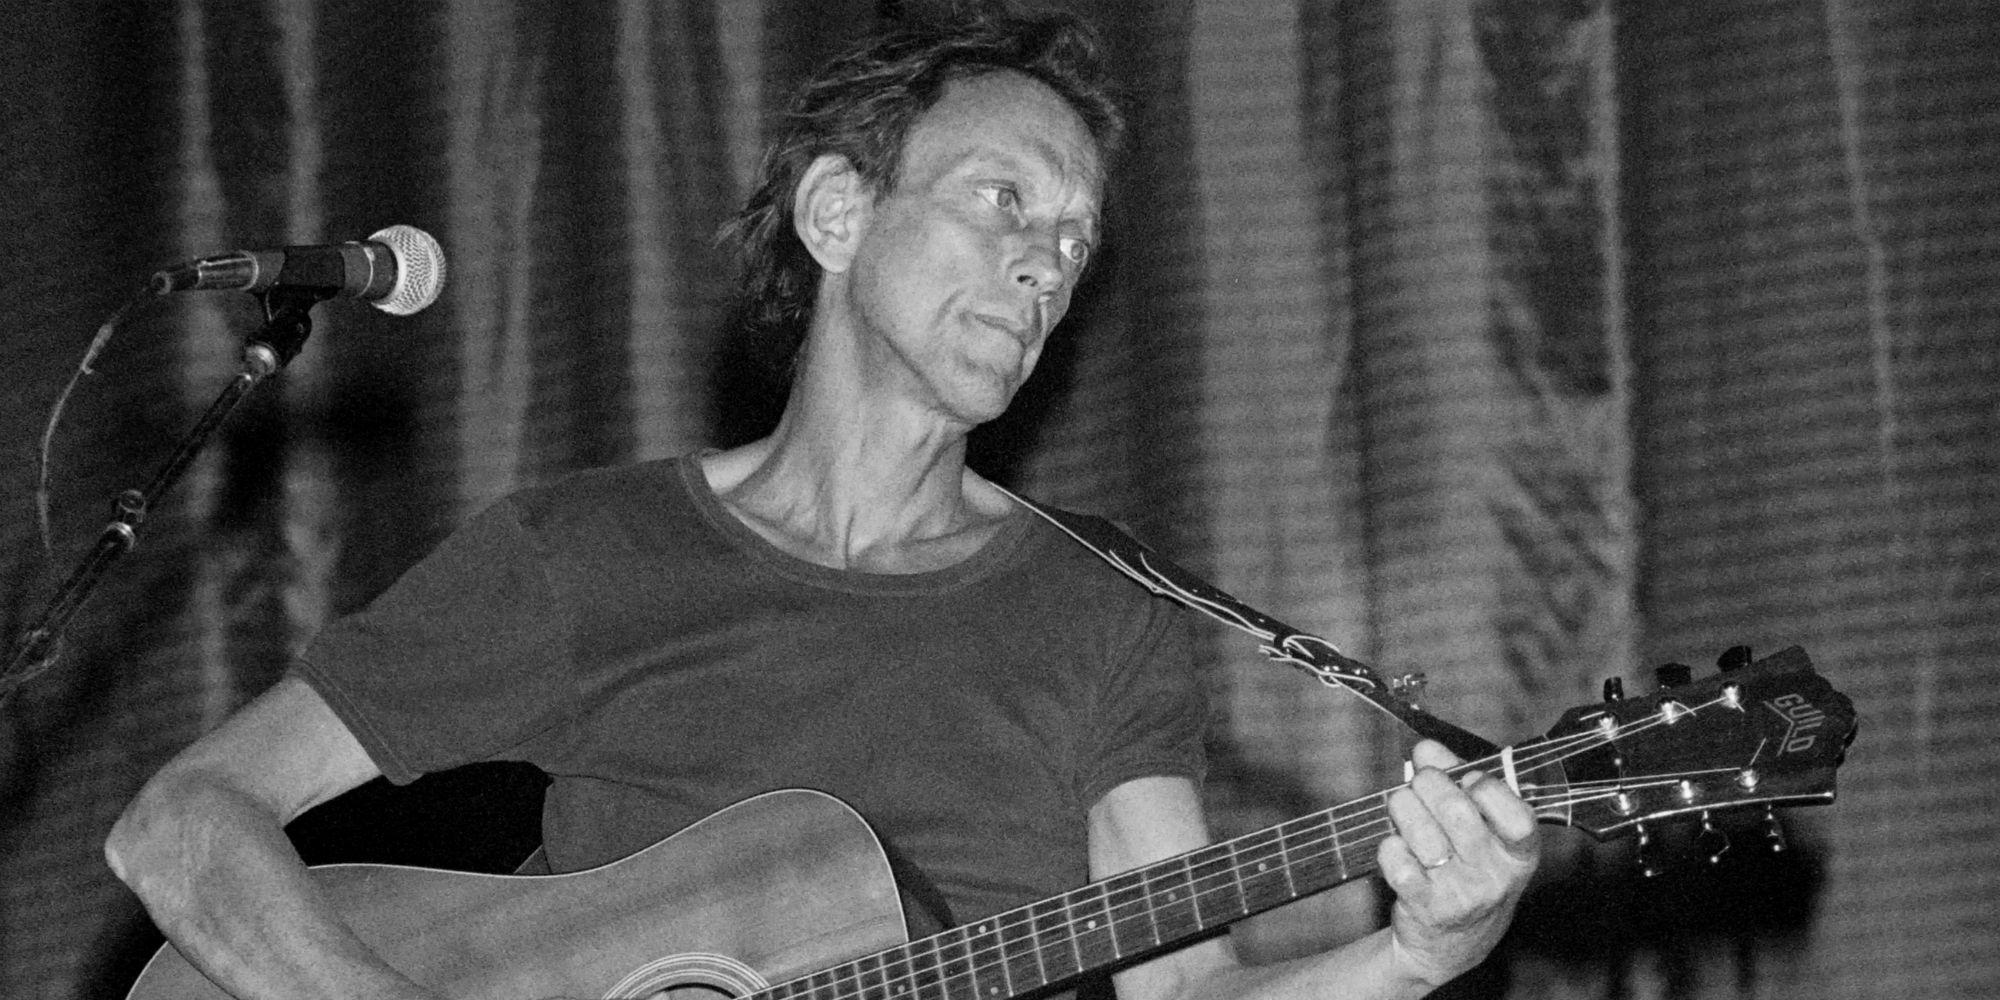 Le-chanteur-folk-Graeme-Allwright-est-mort